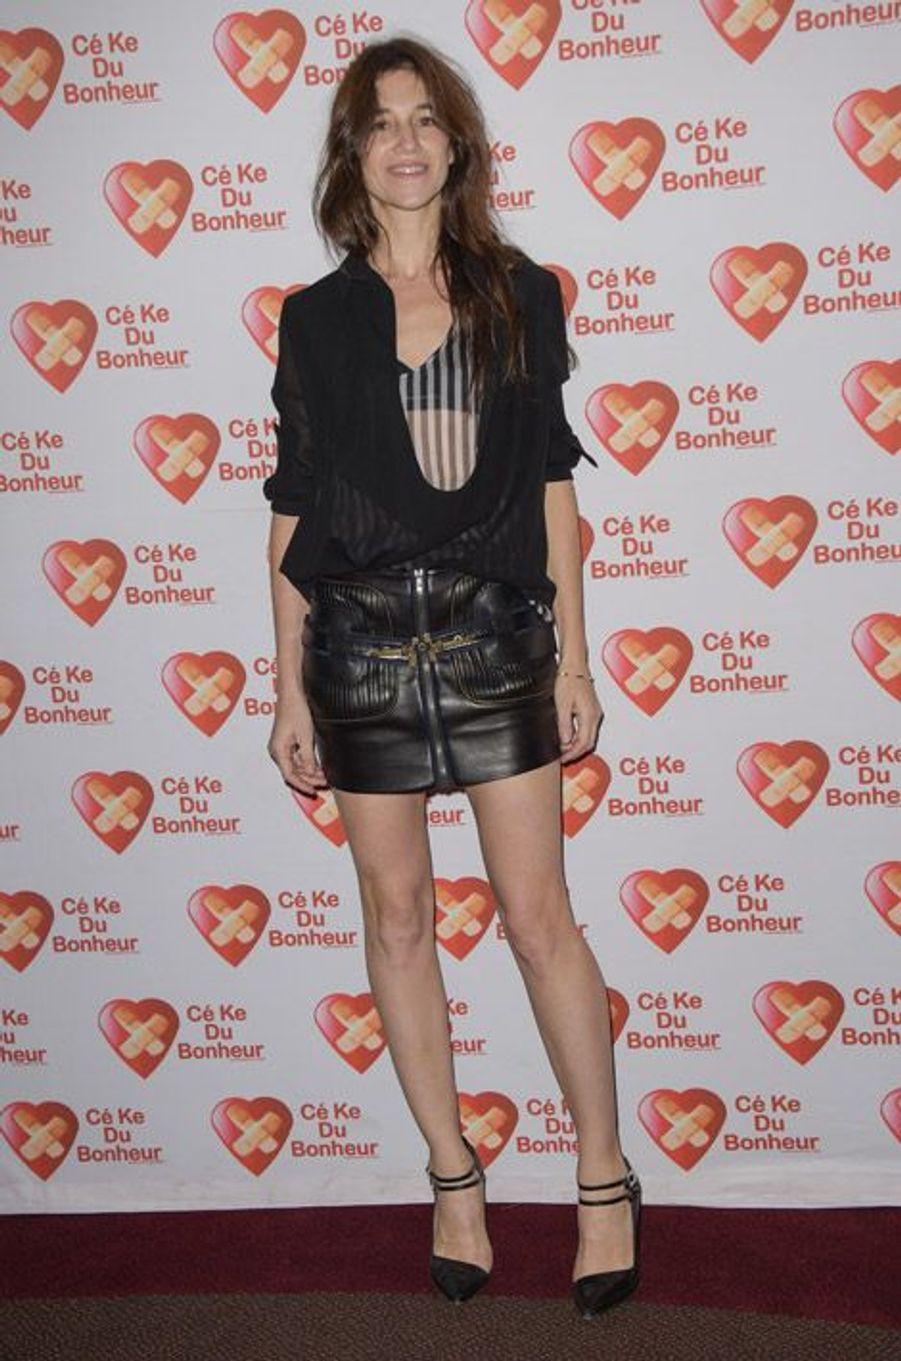 """Sexy en jupe courte en cuir pour la première de """"Samba"""" au profit de l'association """"Cé Ke du Bonheur"""" à Paris, en octobre 2014"""